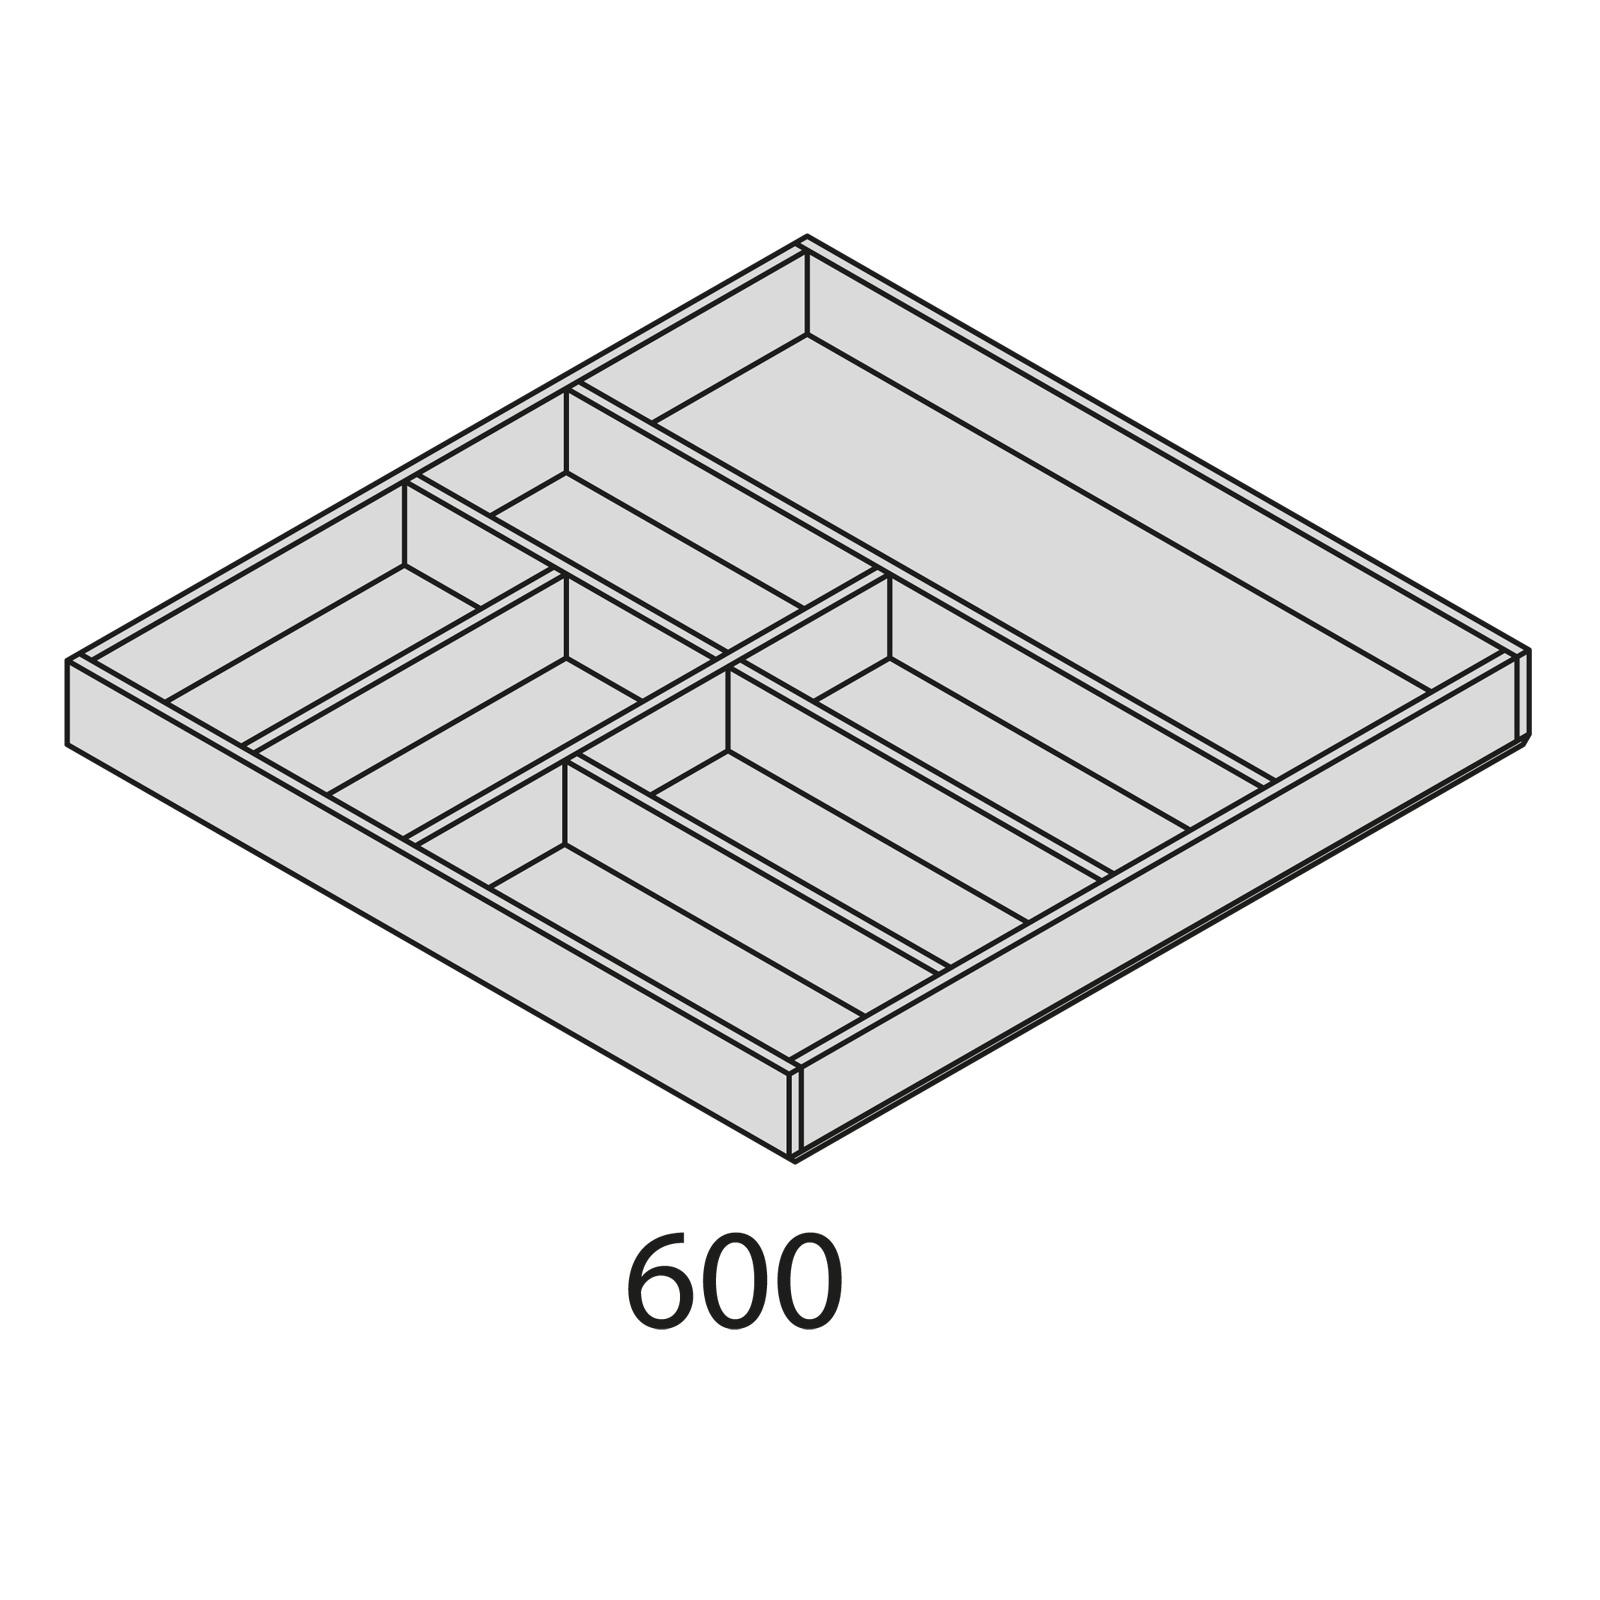 nolte k chen besteckorganisation buche bei1h60. Black Bedroom Furniture Sets. Home Design Ideas